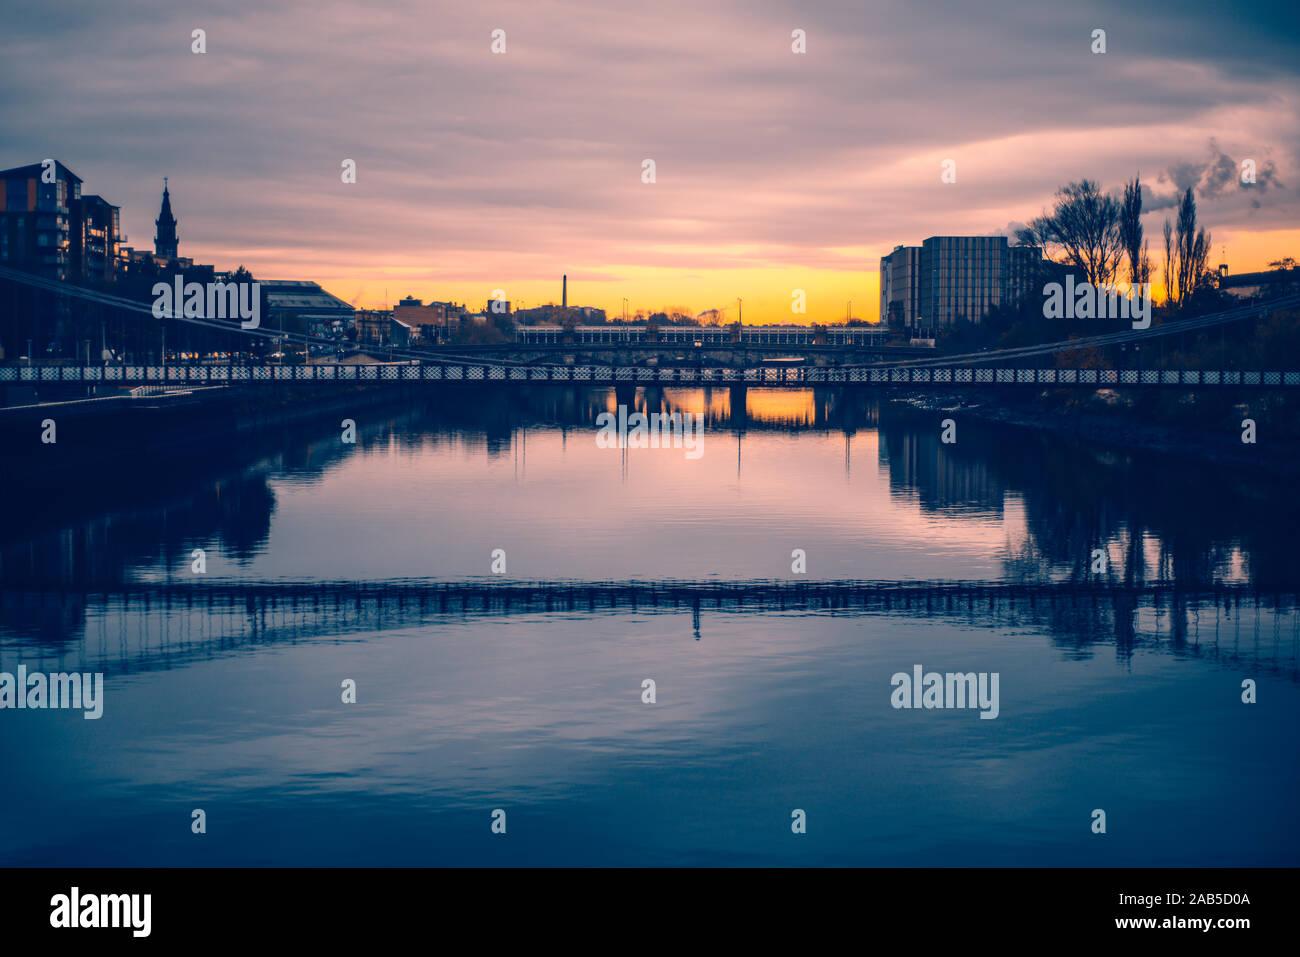 Puentes sobre el río Clyde en Glasgow, Escocia, en una mañana de invierno Foto de stock